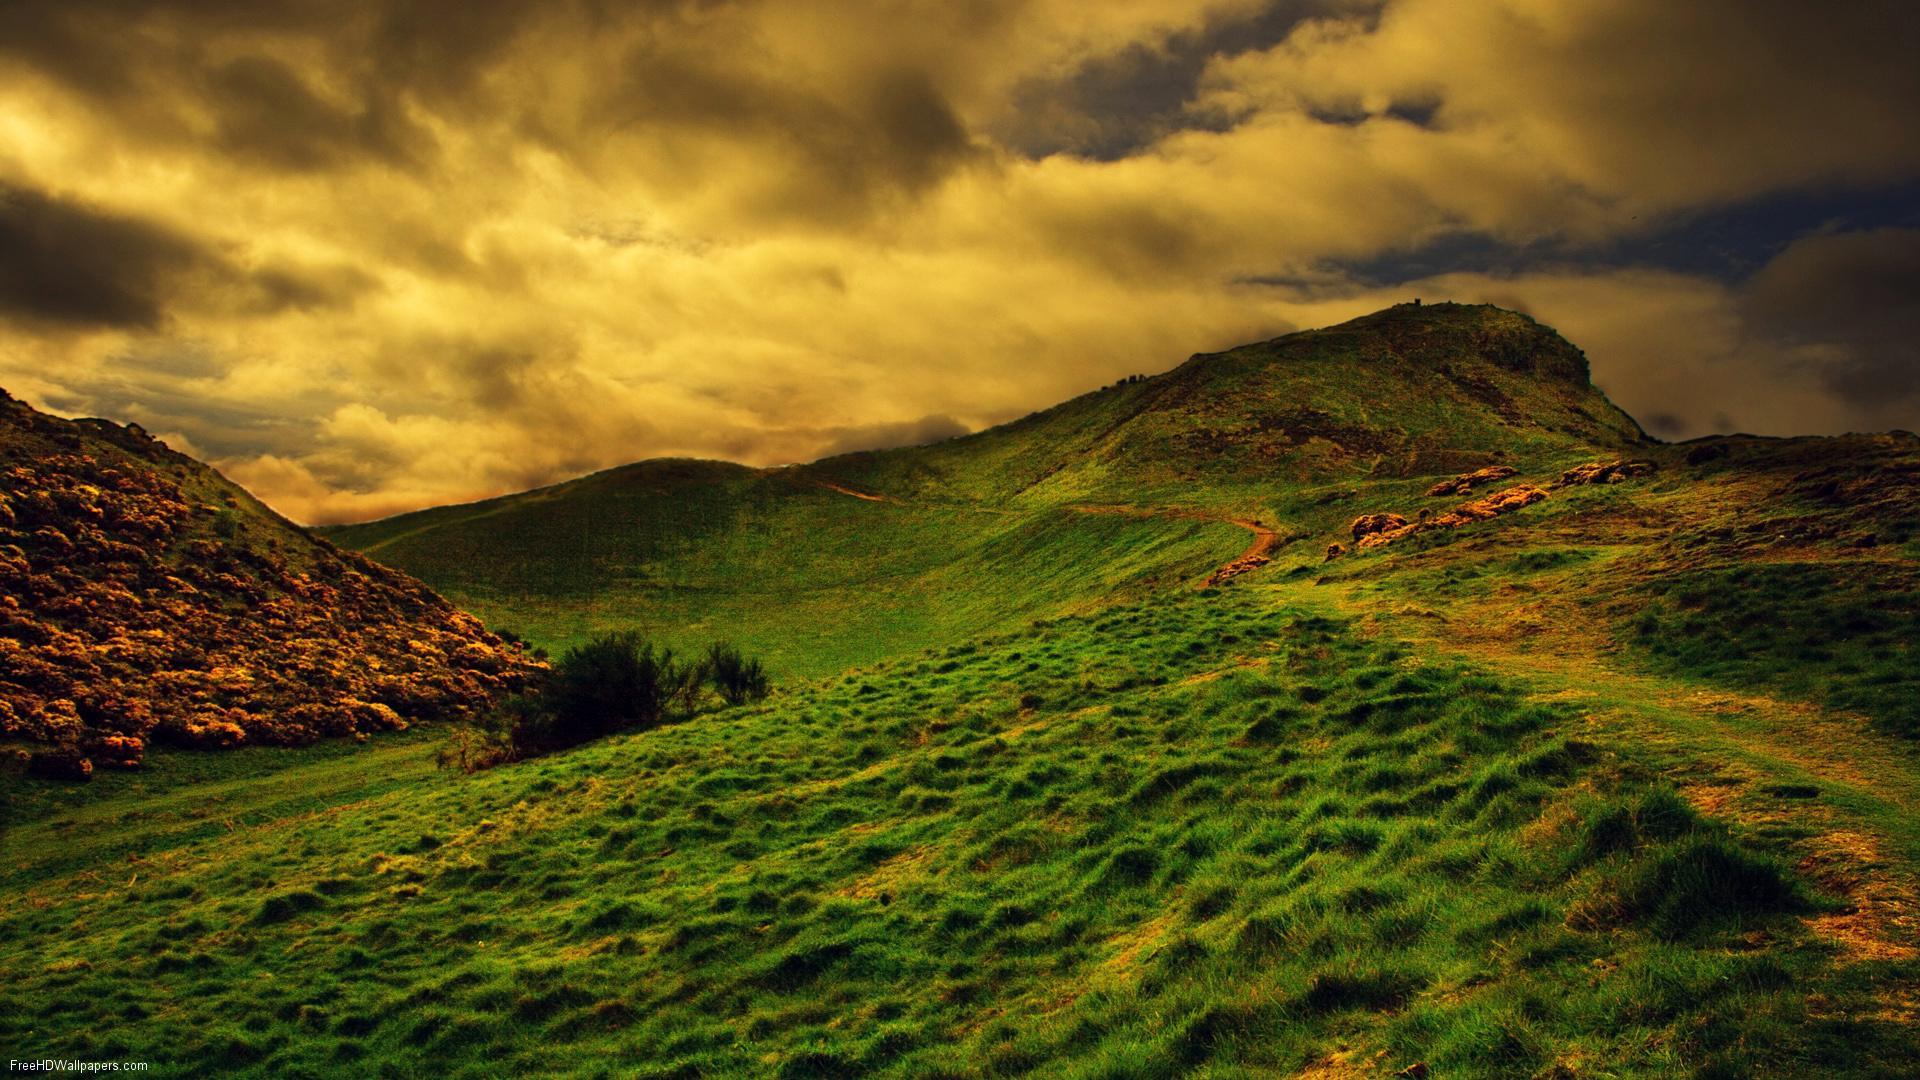 hd landscape wallpapers - sf wallpaper